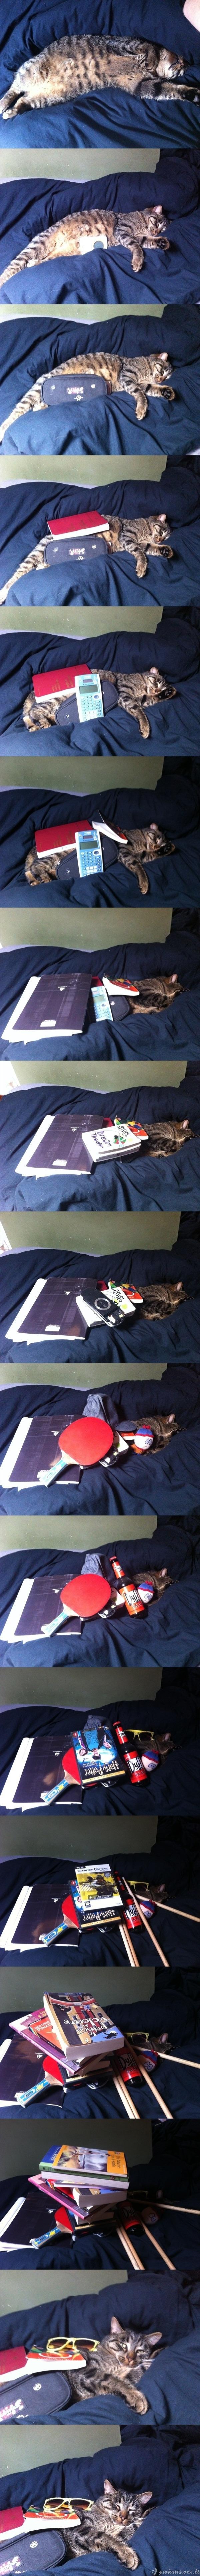 Ką galima padaryti katinui, kol jis kietai miega